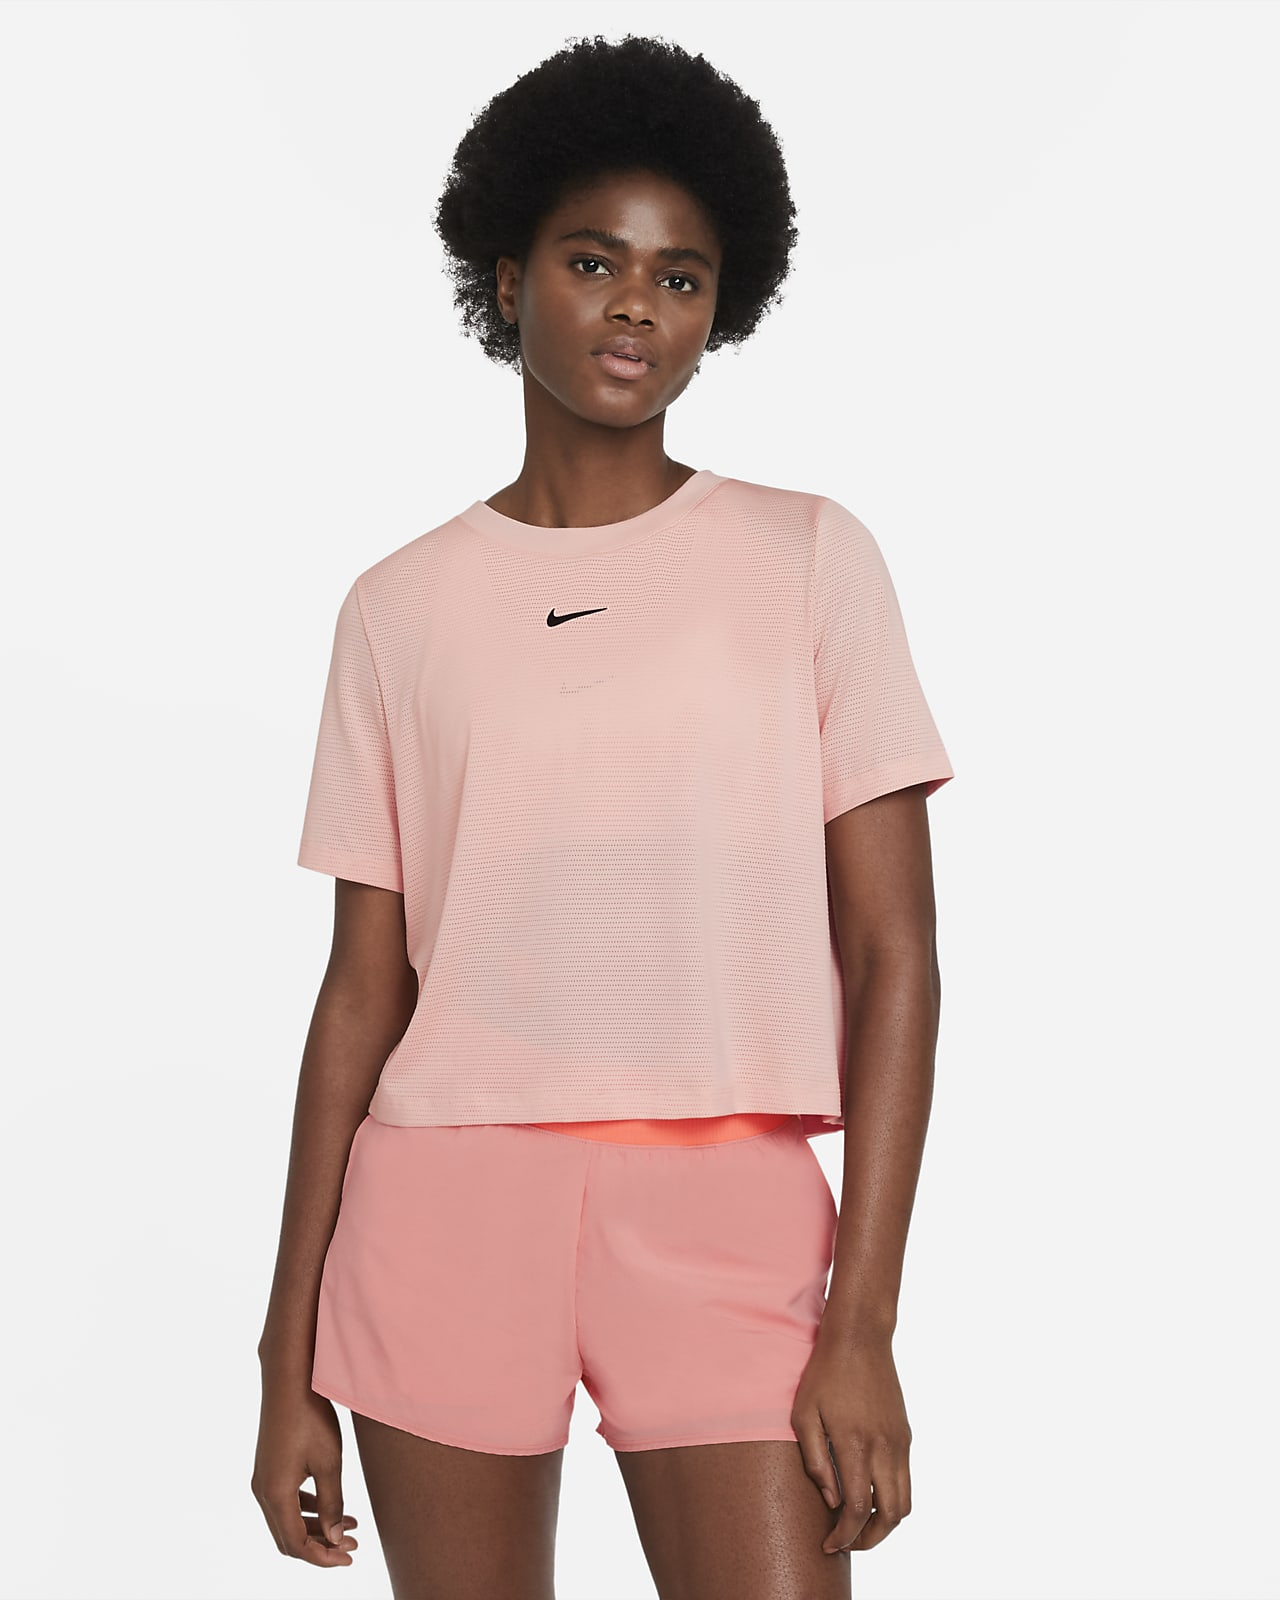 NikeCourt Advantage kortermet tennisoverdel til dame